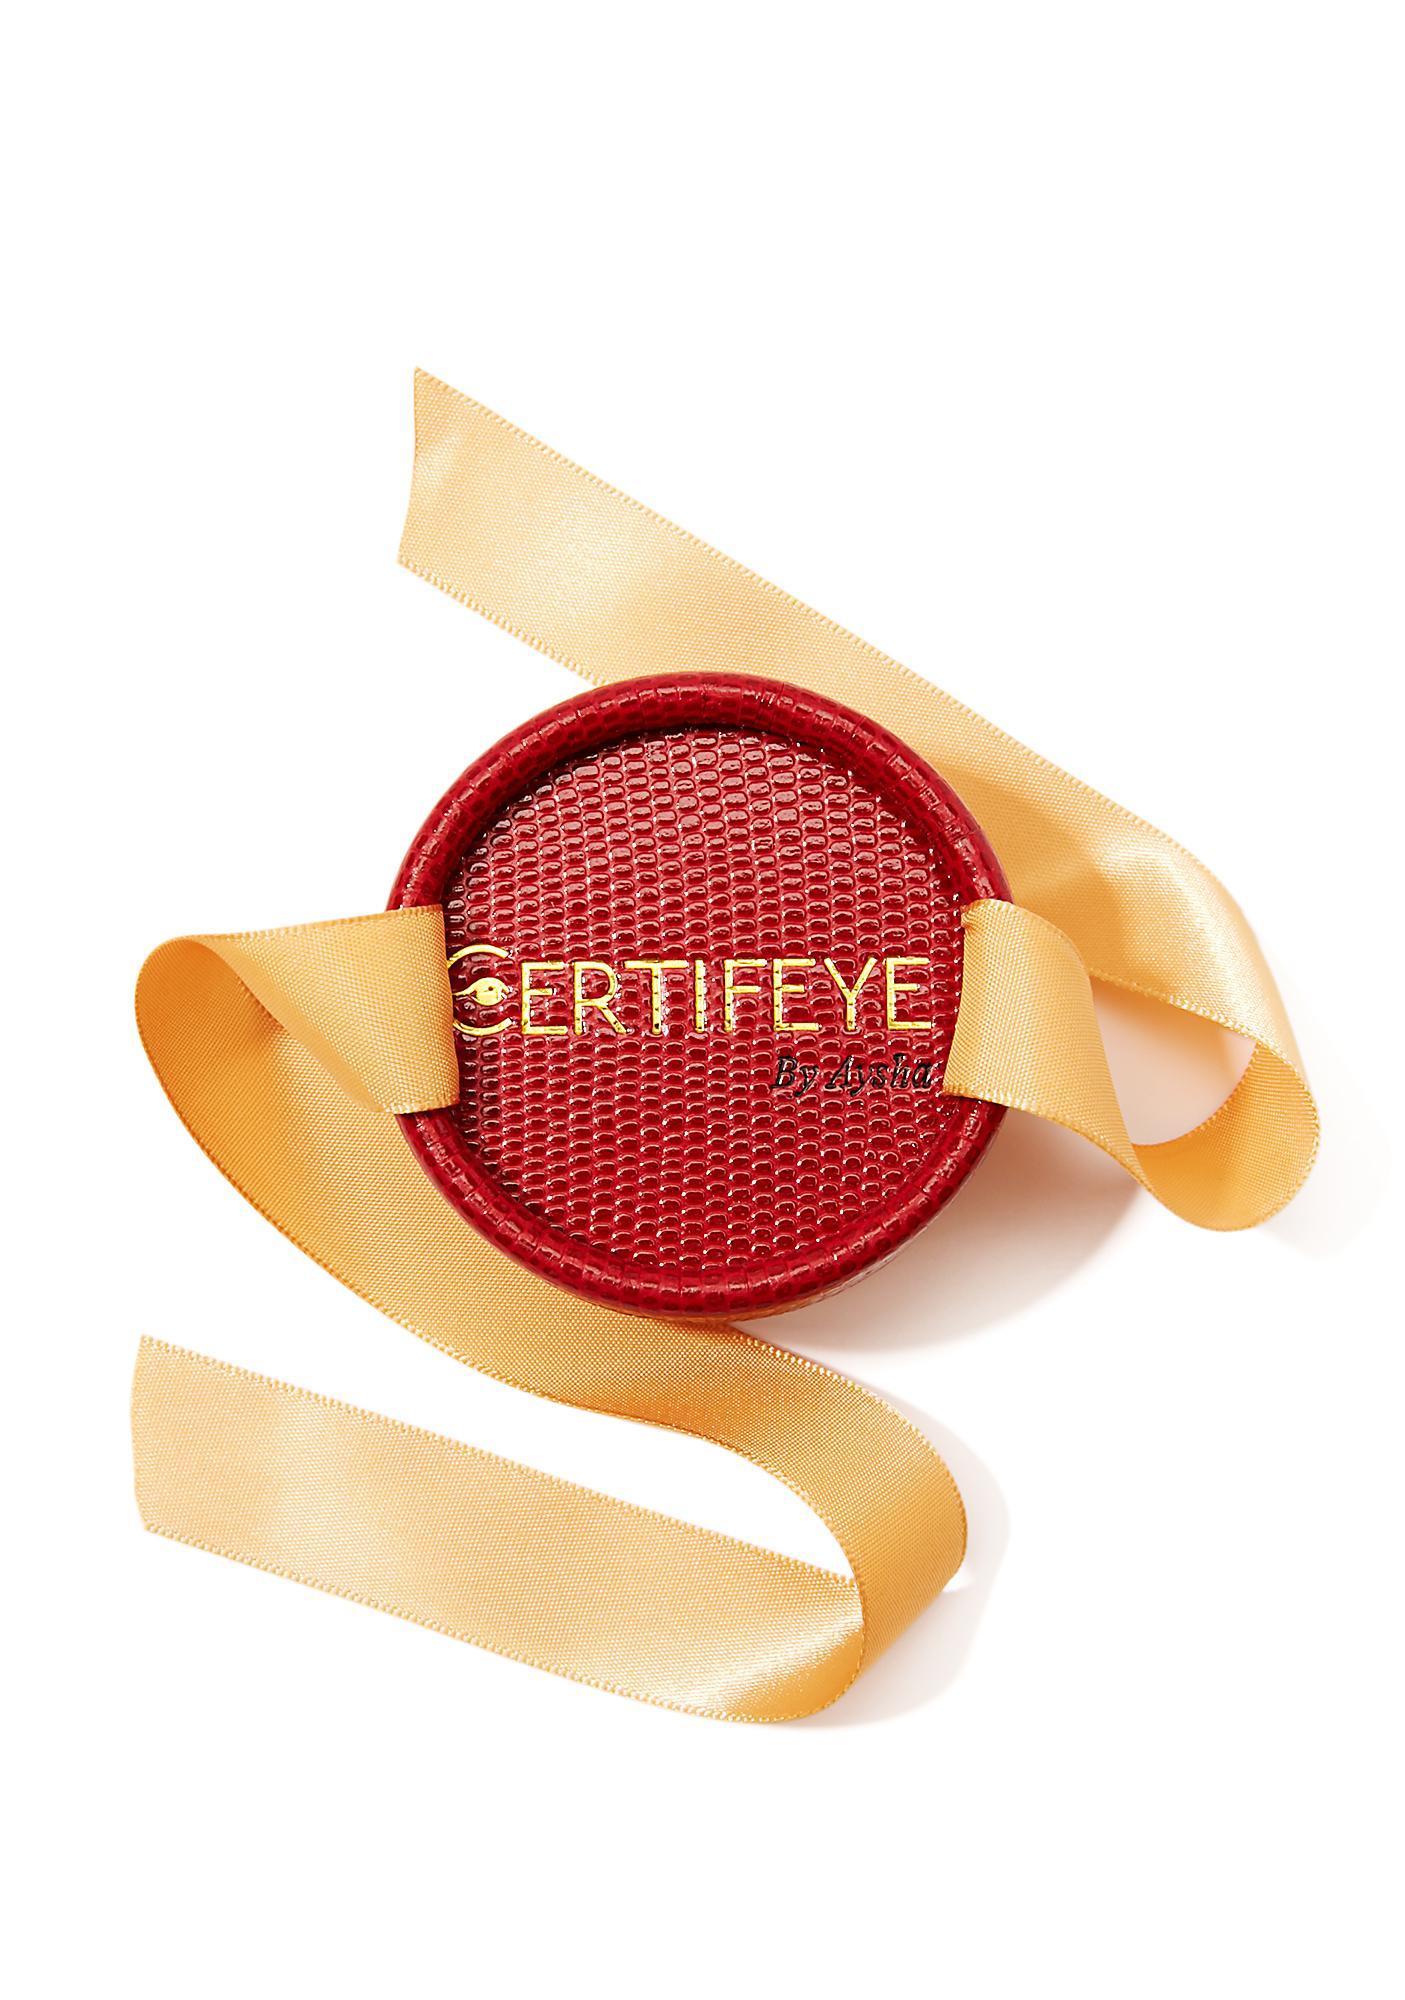 Certifeye Dreamy 3D Faux Mink Lashes